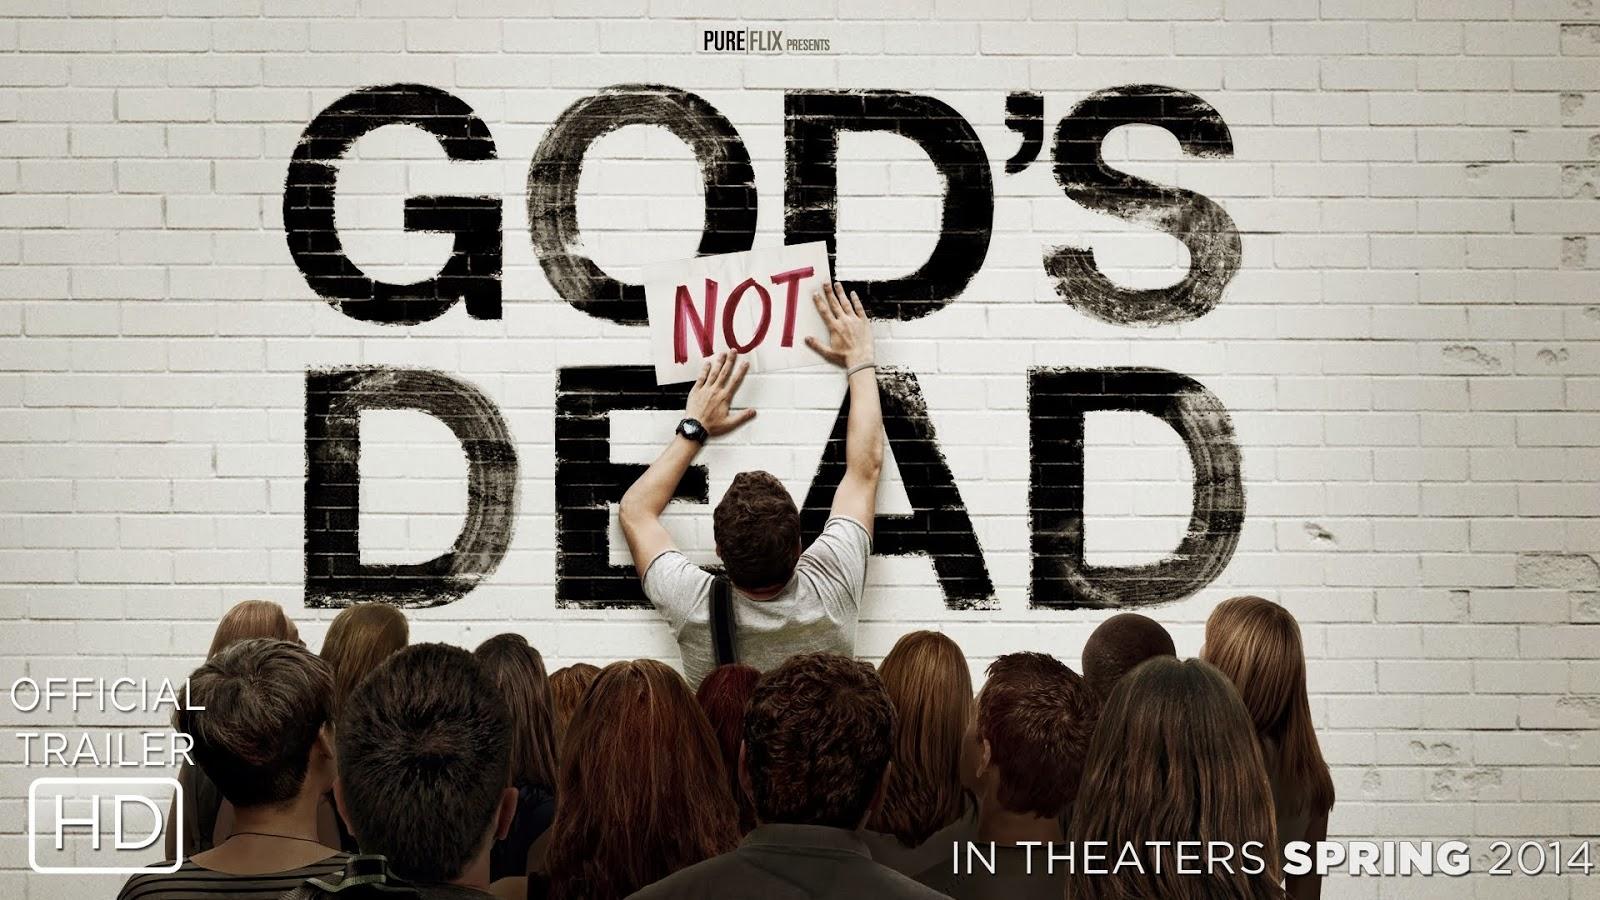 Deus não está morto: um filme que desafia mentes e corações